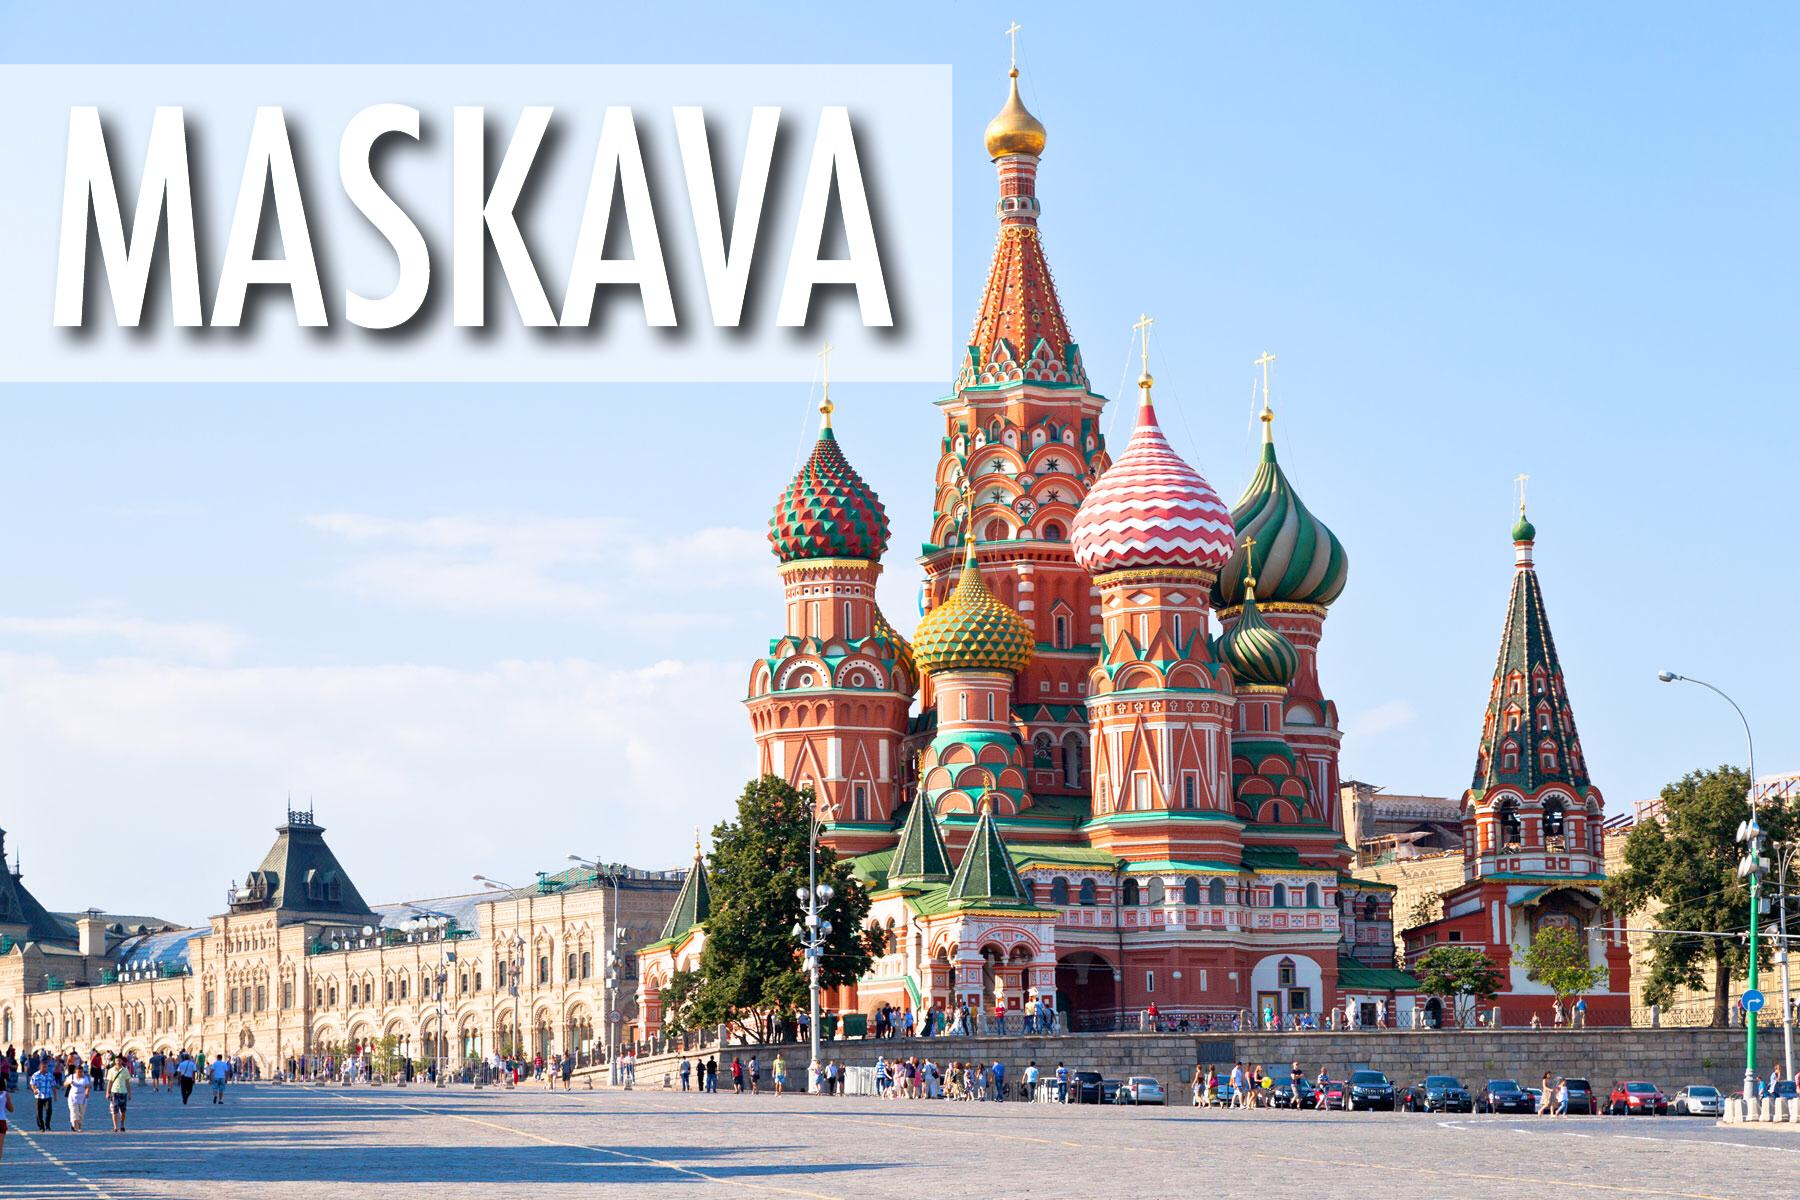 Lētas aviobiļetes Rīga - Maskava / Tiešie reisi uz Maskavu